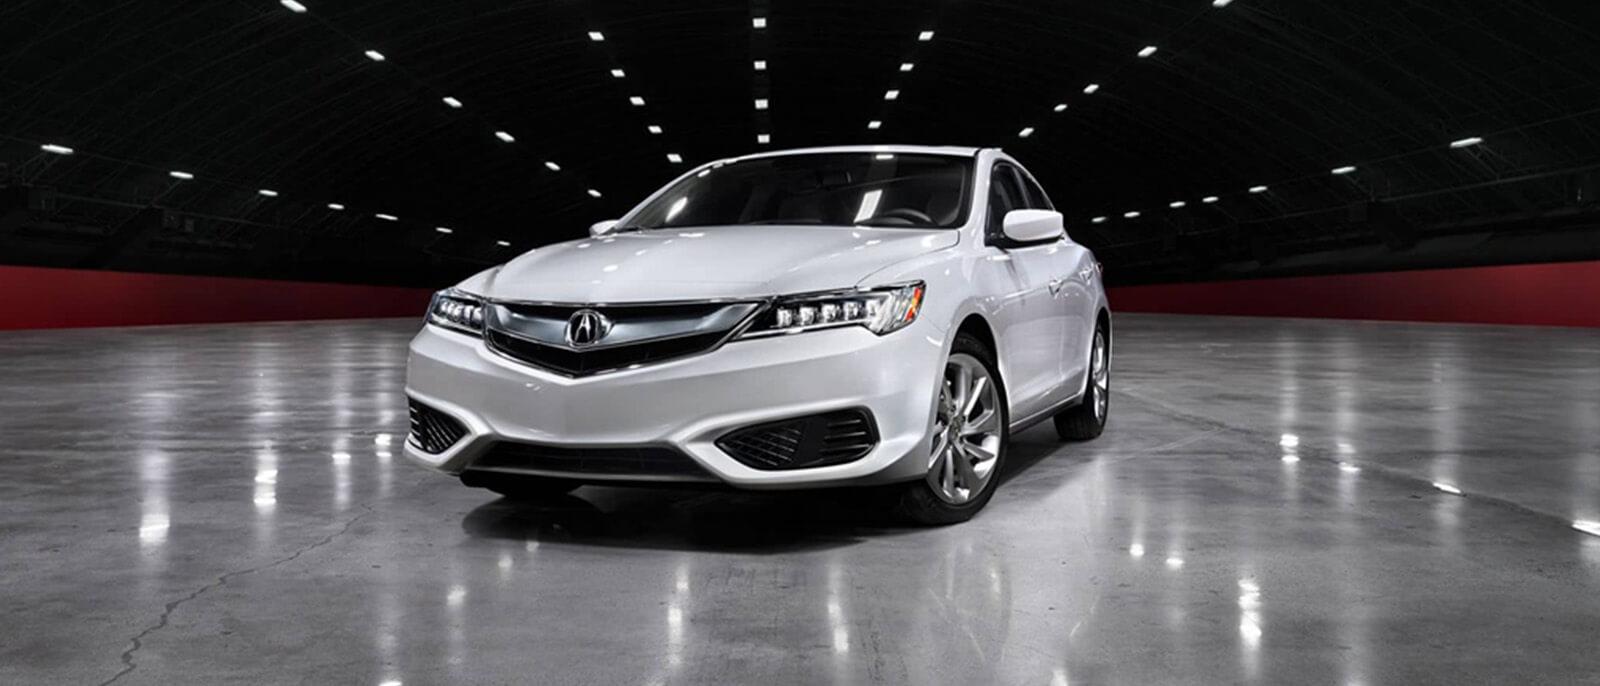 2017-Acura-ILX-slide3